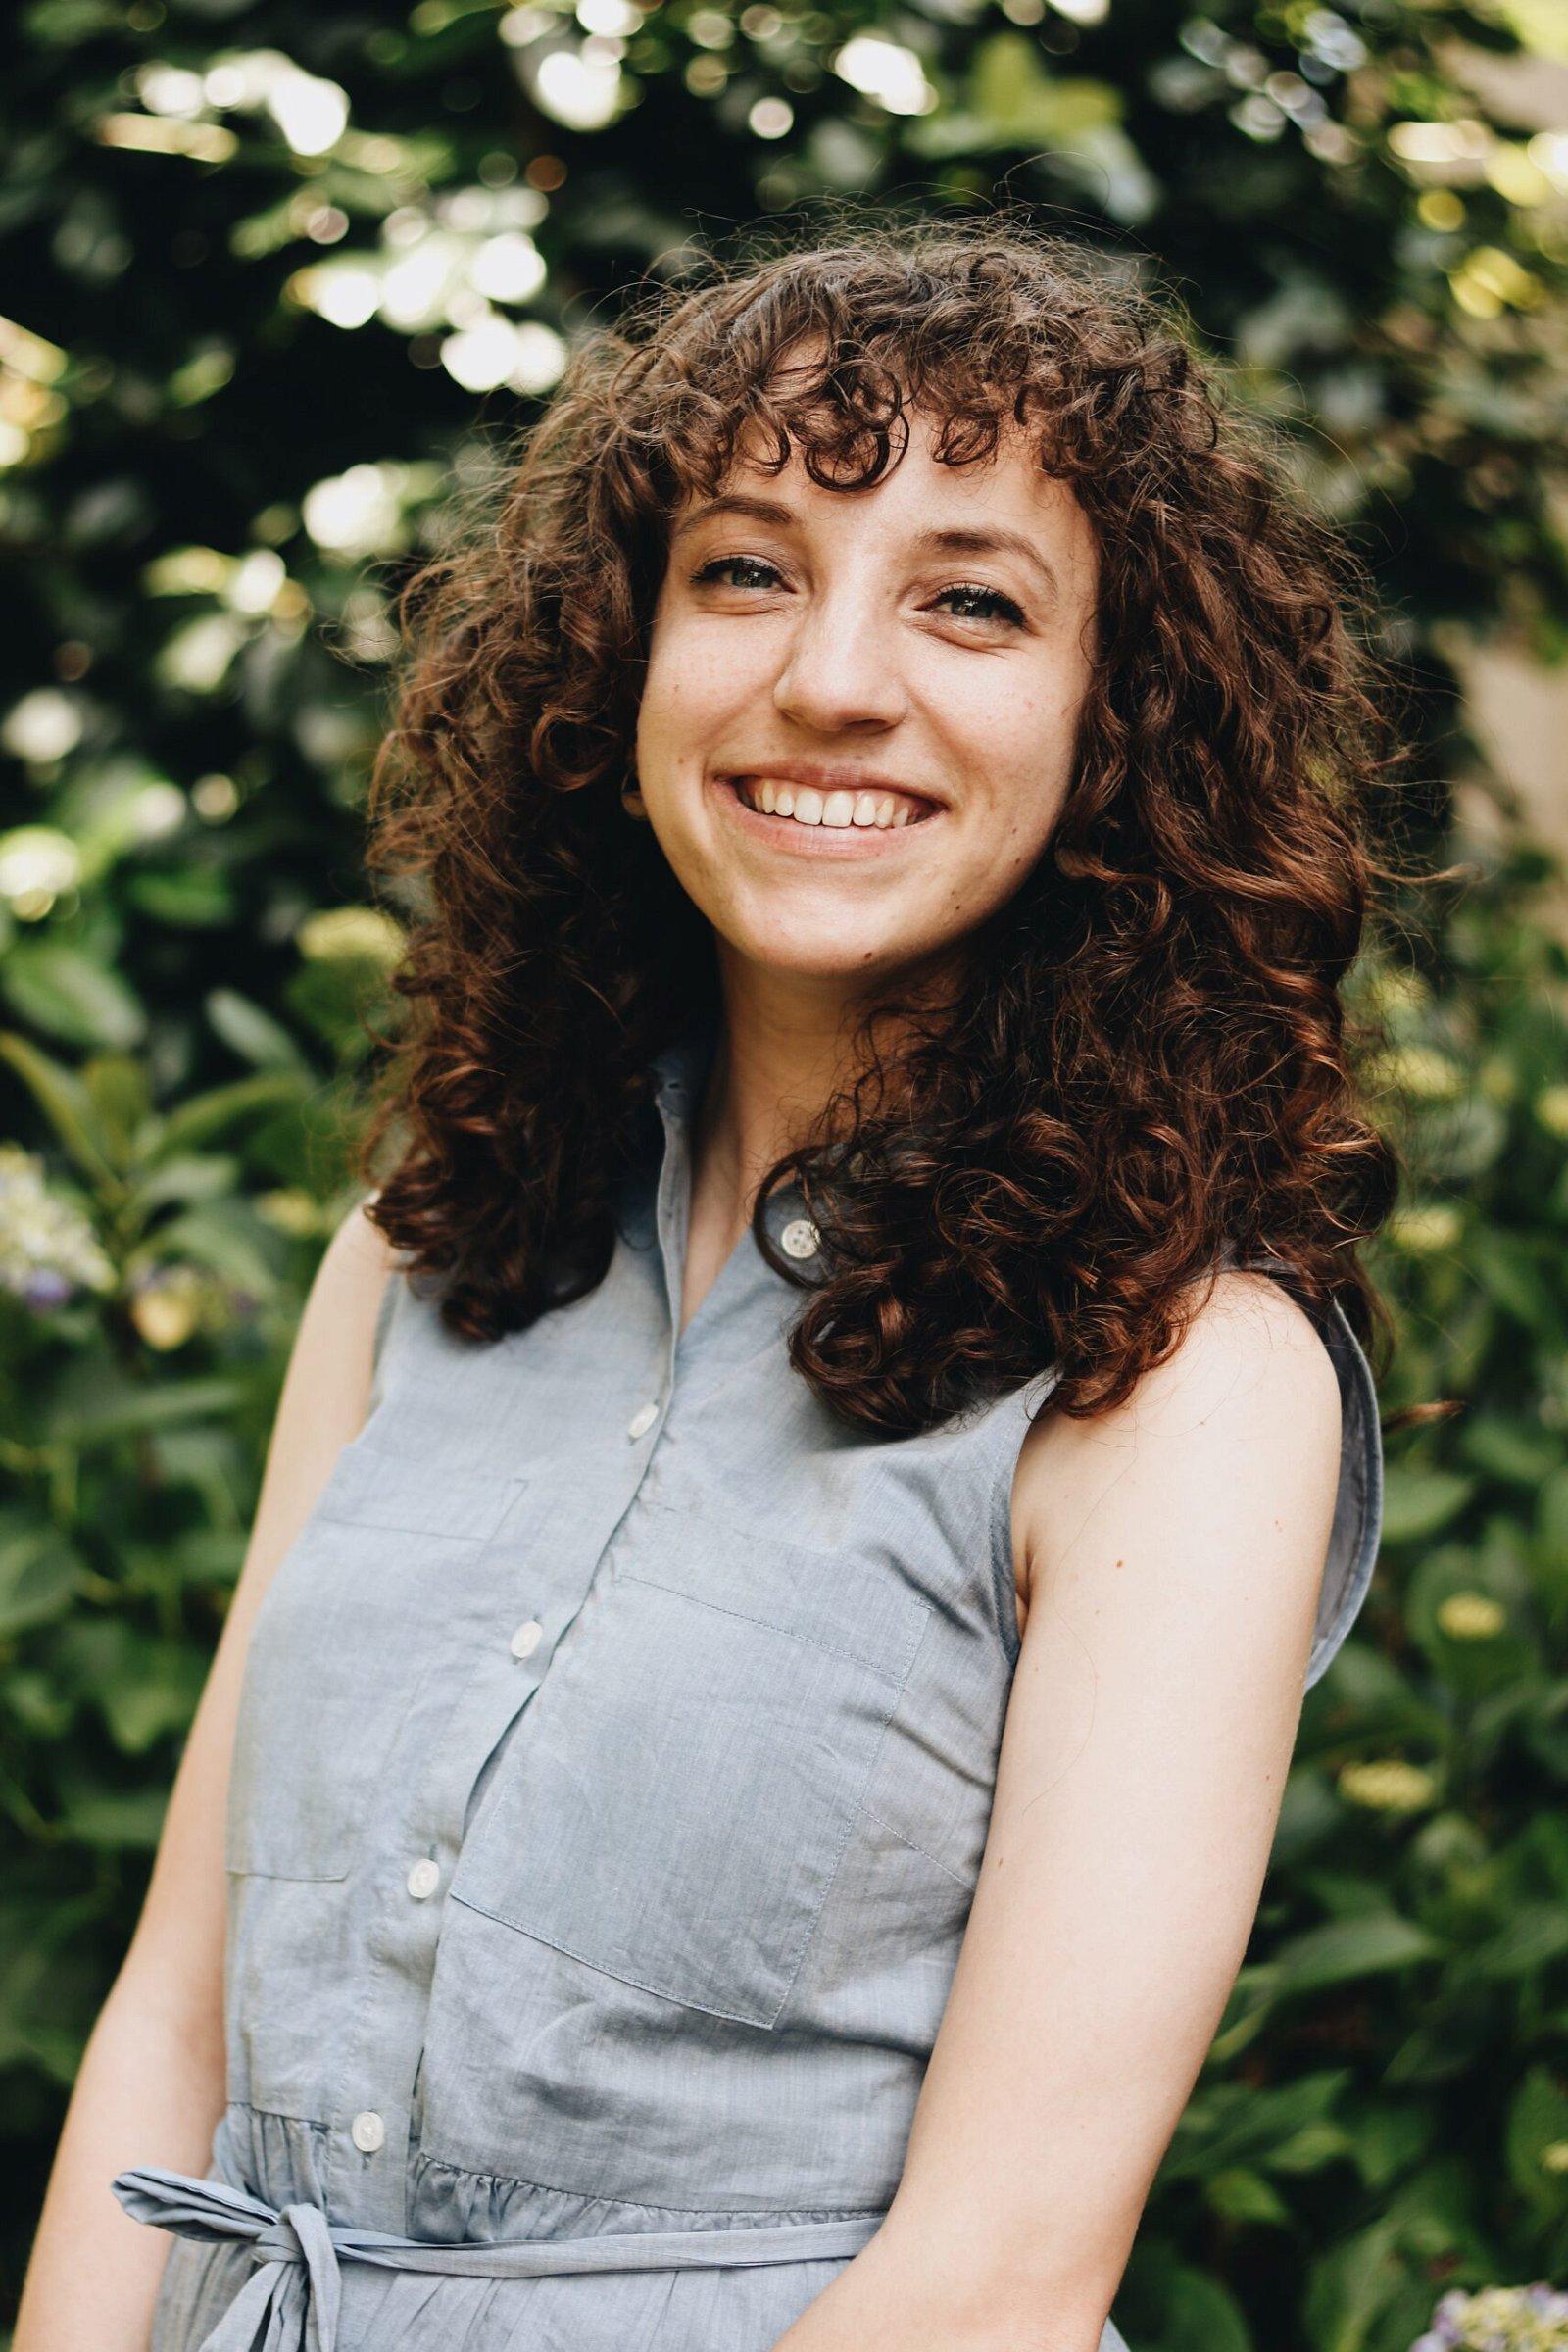 Alexa Mahan